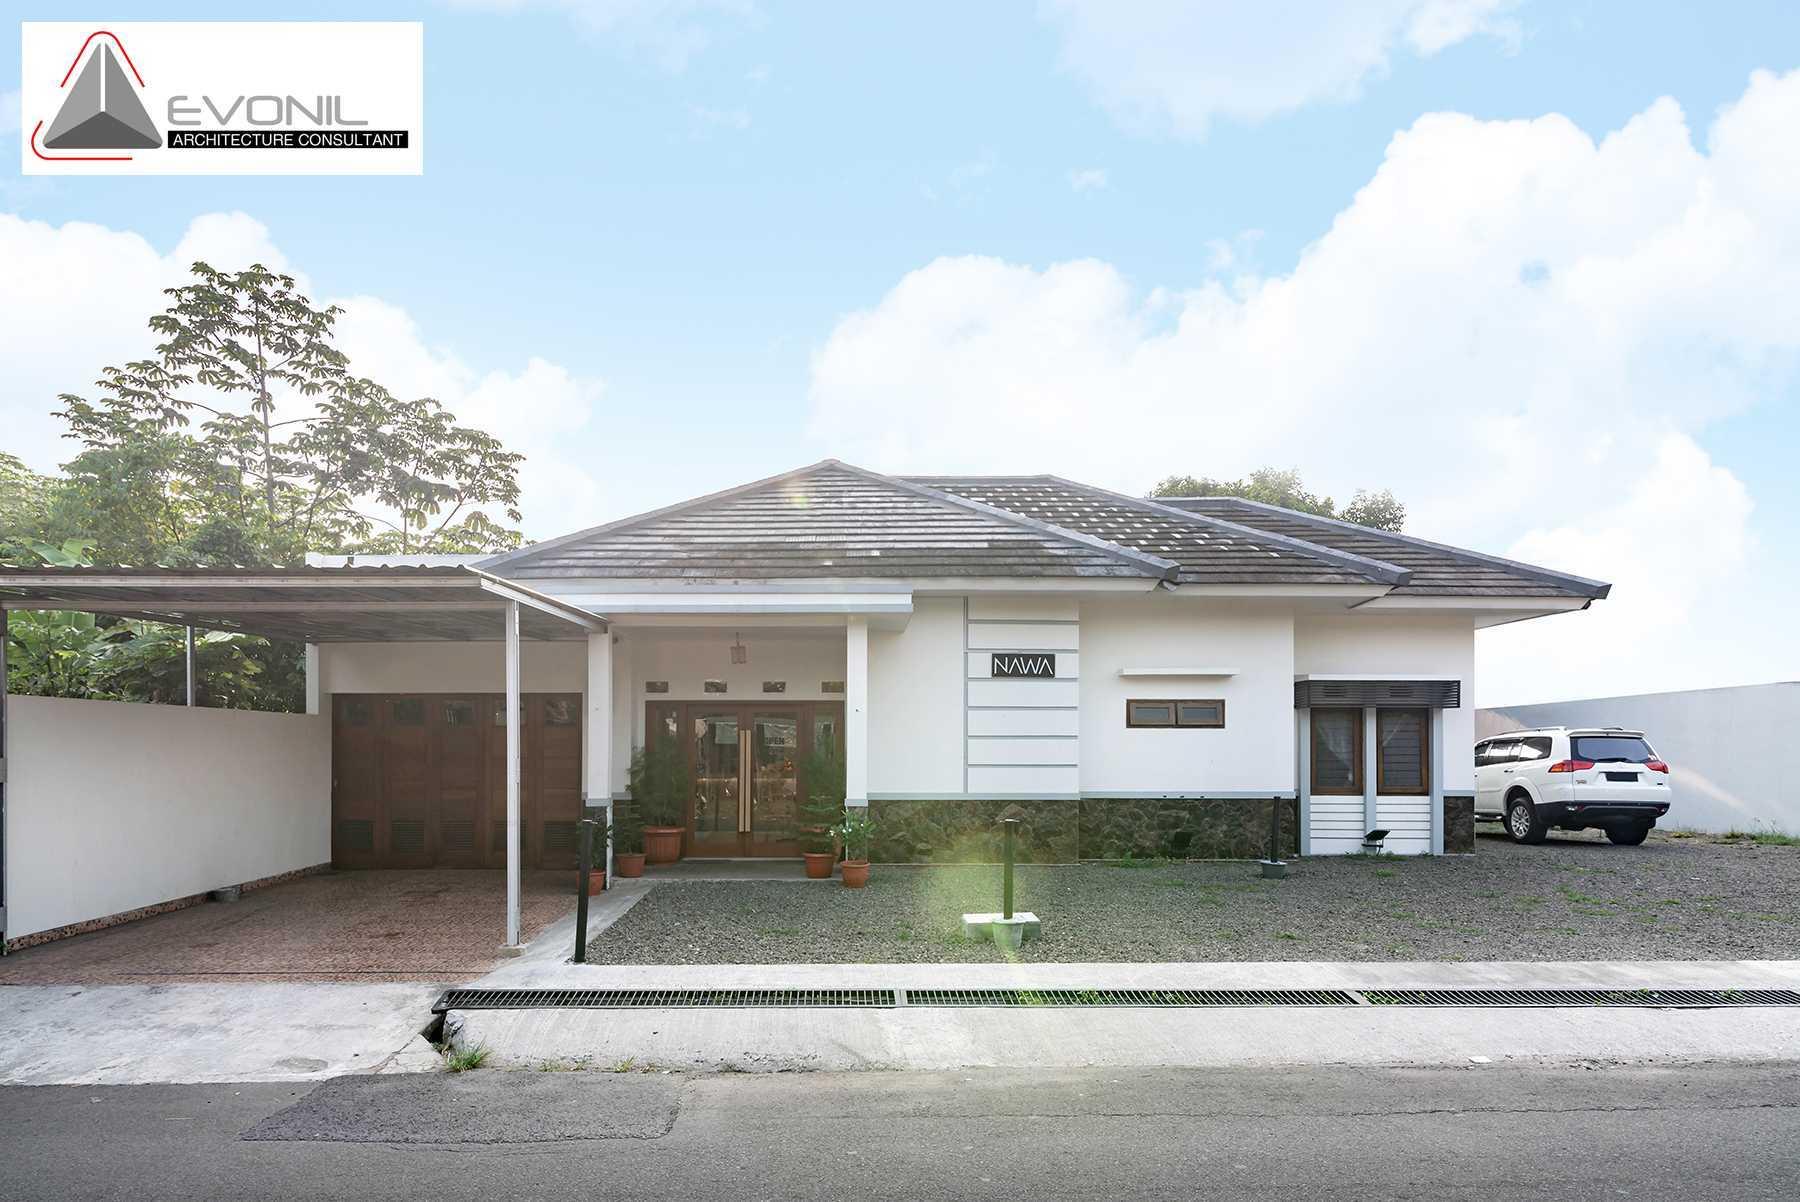 Evonil Architecture Nawa Kopi Coffeshop & Brunch - Bogor Bogor, Jawa Barat, Indonesia Bogor, Jawa Barat, Indonesia Evonil-Architecture-Nawa-Kopi-Coffeshop-Brunch-Bogor   60259